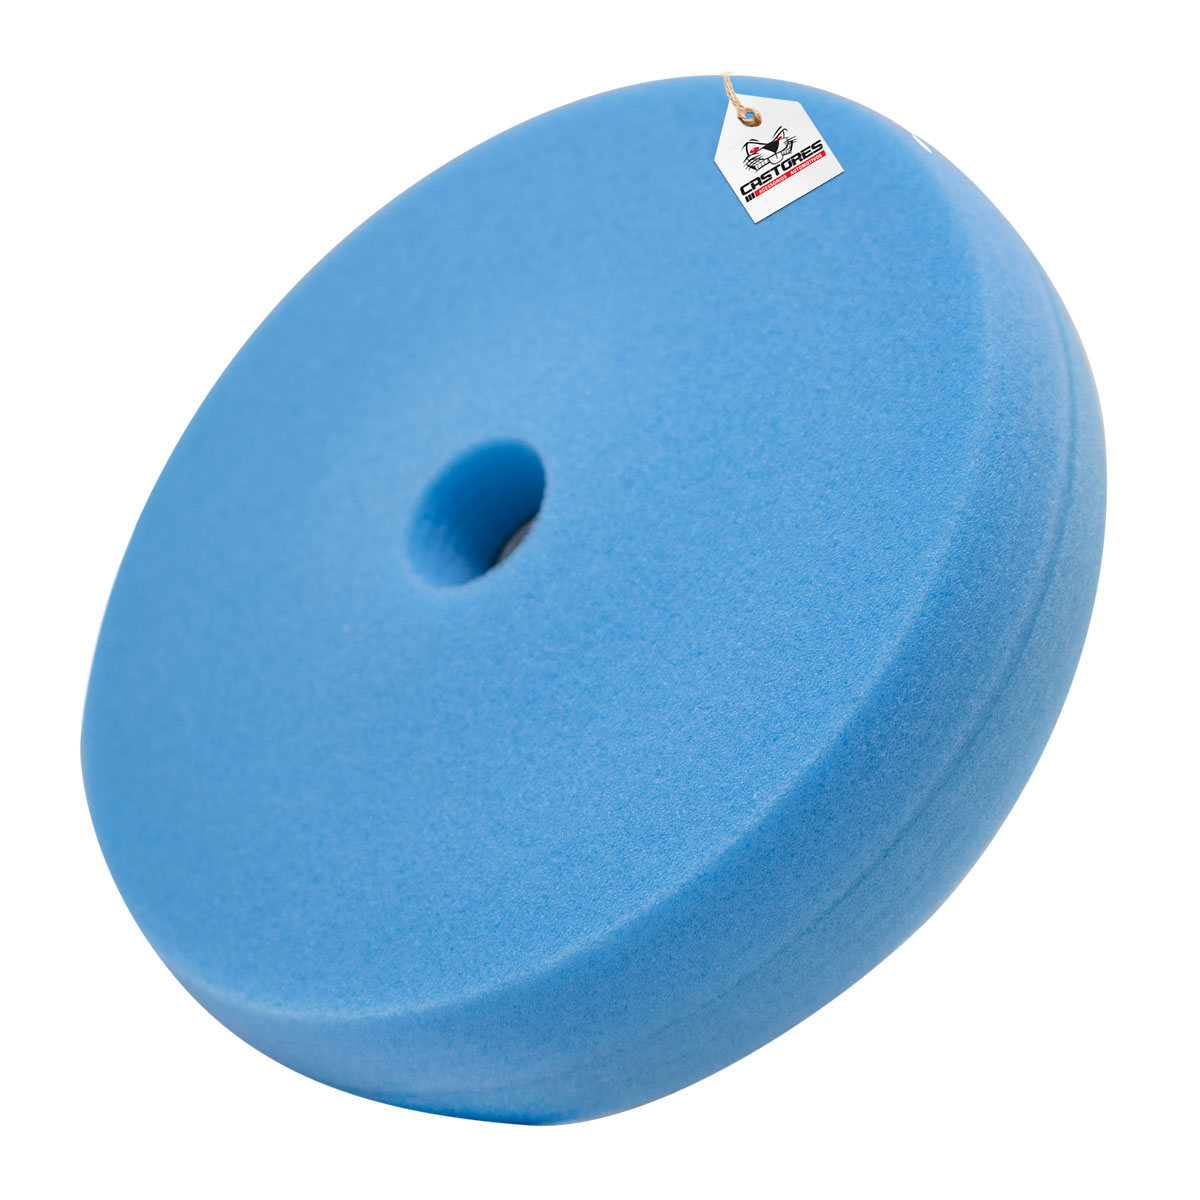 Boina Dupla Face Azul Refino Lincoln 6 Polegadas